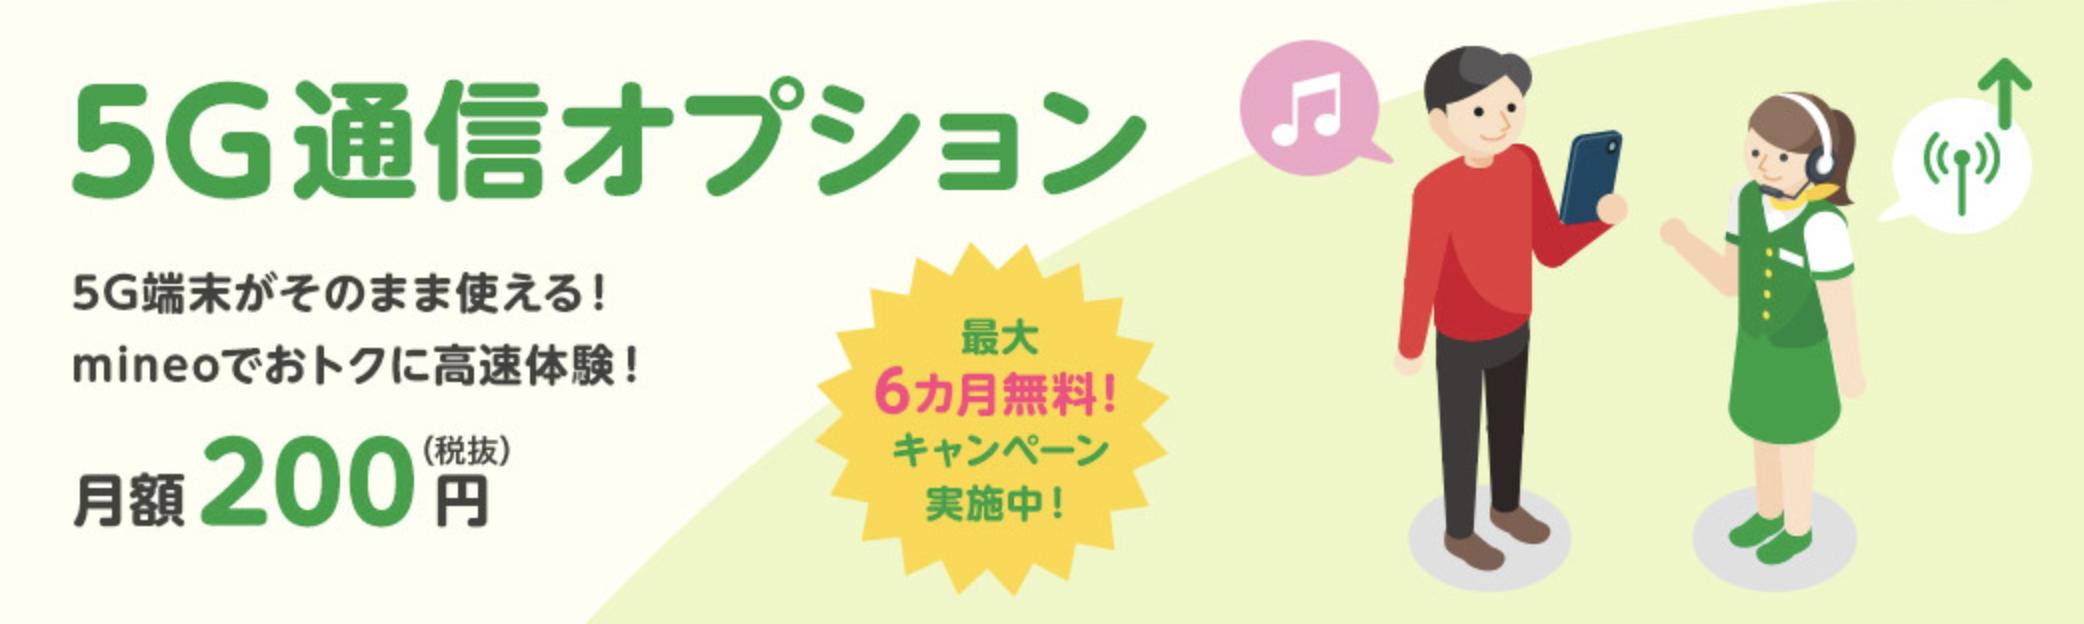 mineo_キャンペーン